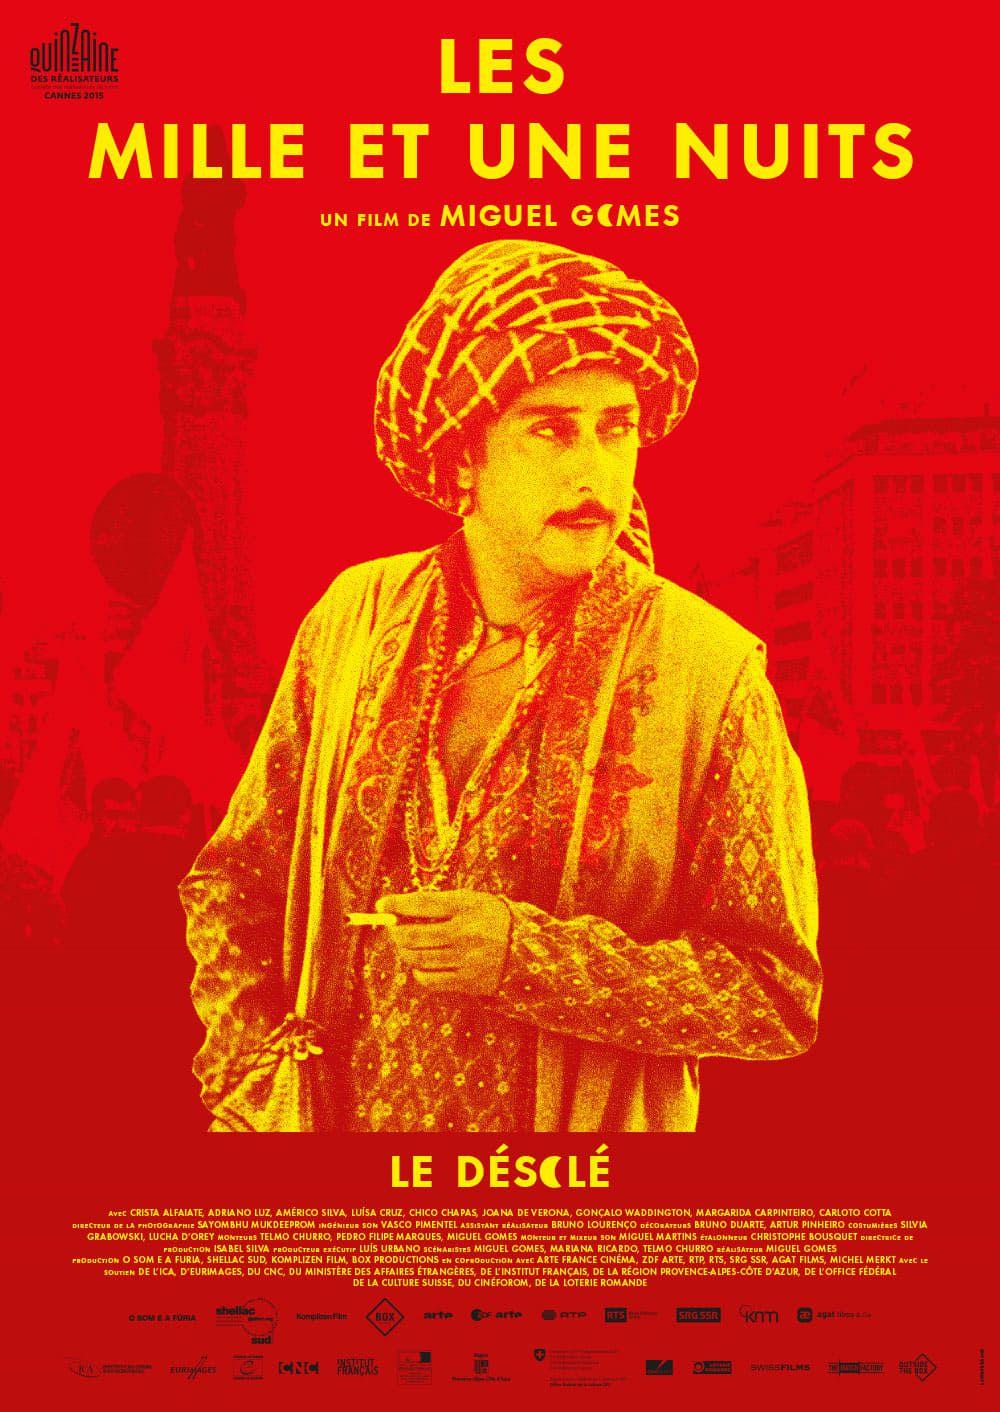 Les-Mille-et-Une-Nuits-Volume-2-Le-Dsol-Film-2015.jpg